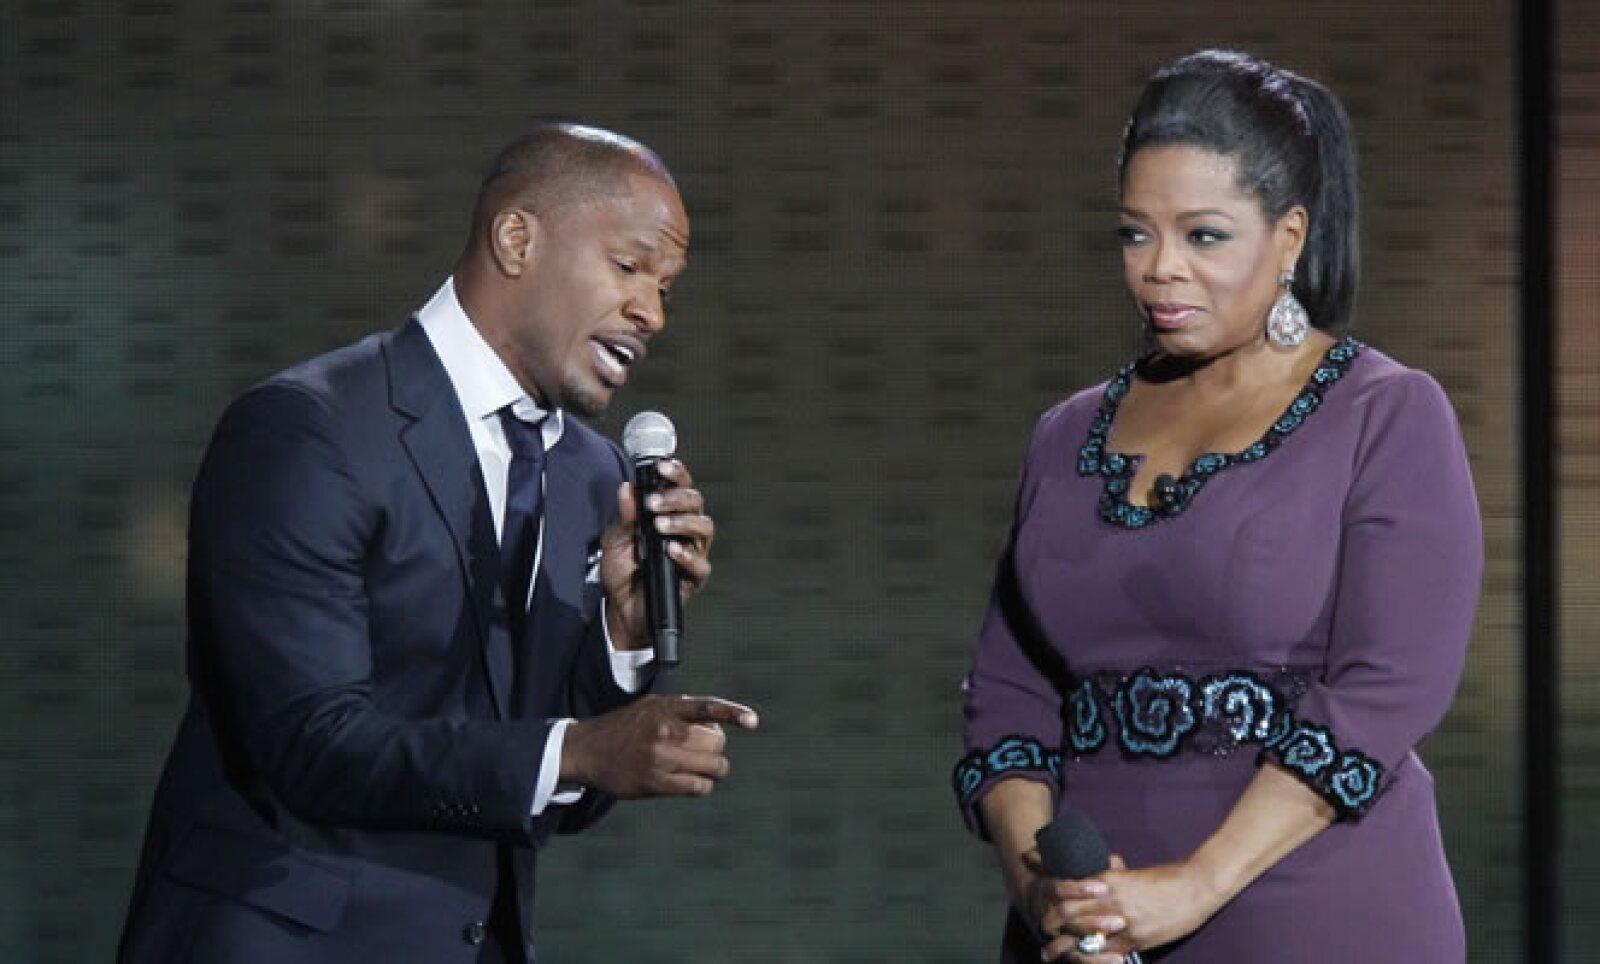 El actor y cantante Jamie Foxx también estuvo presente en el último show de Oprah. Tiene cuatro discos, ha participado en más de 15 películas y su más reciente cinta fue Río.